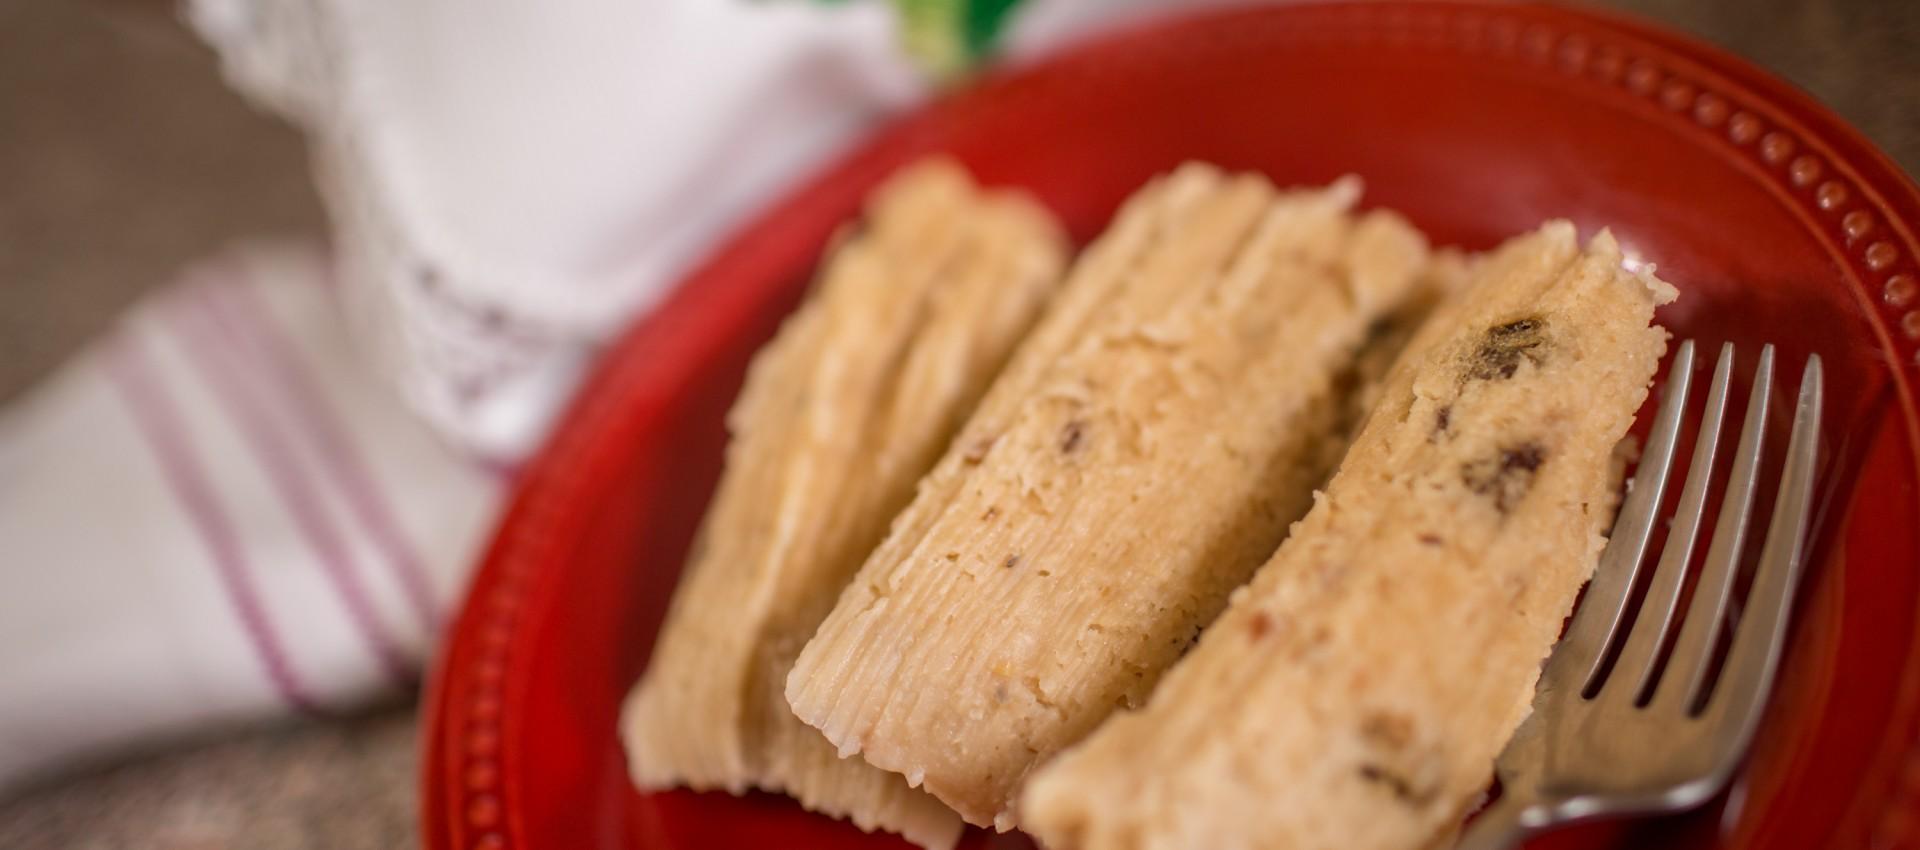 Sweet Peanut Tamales Image